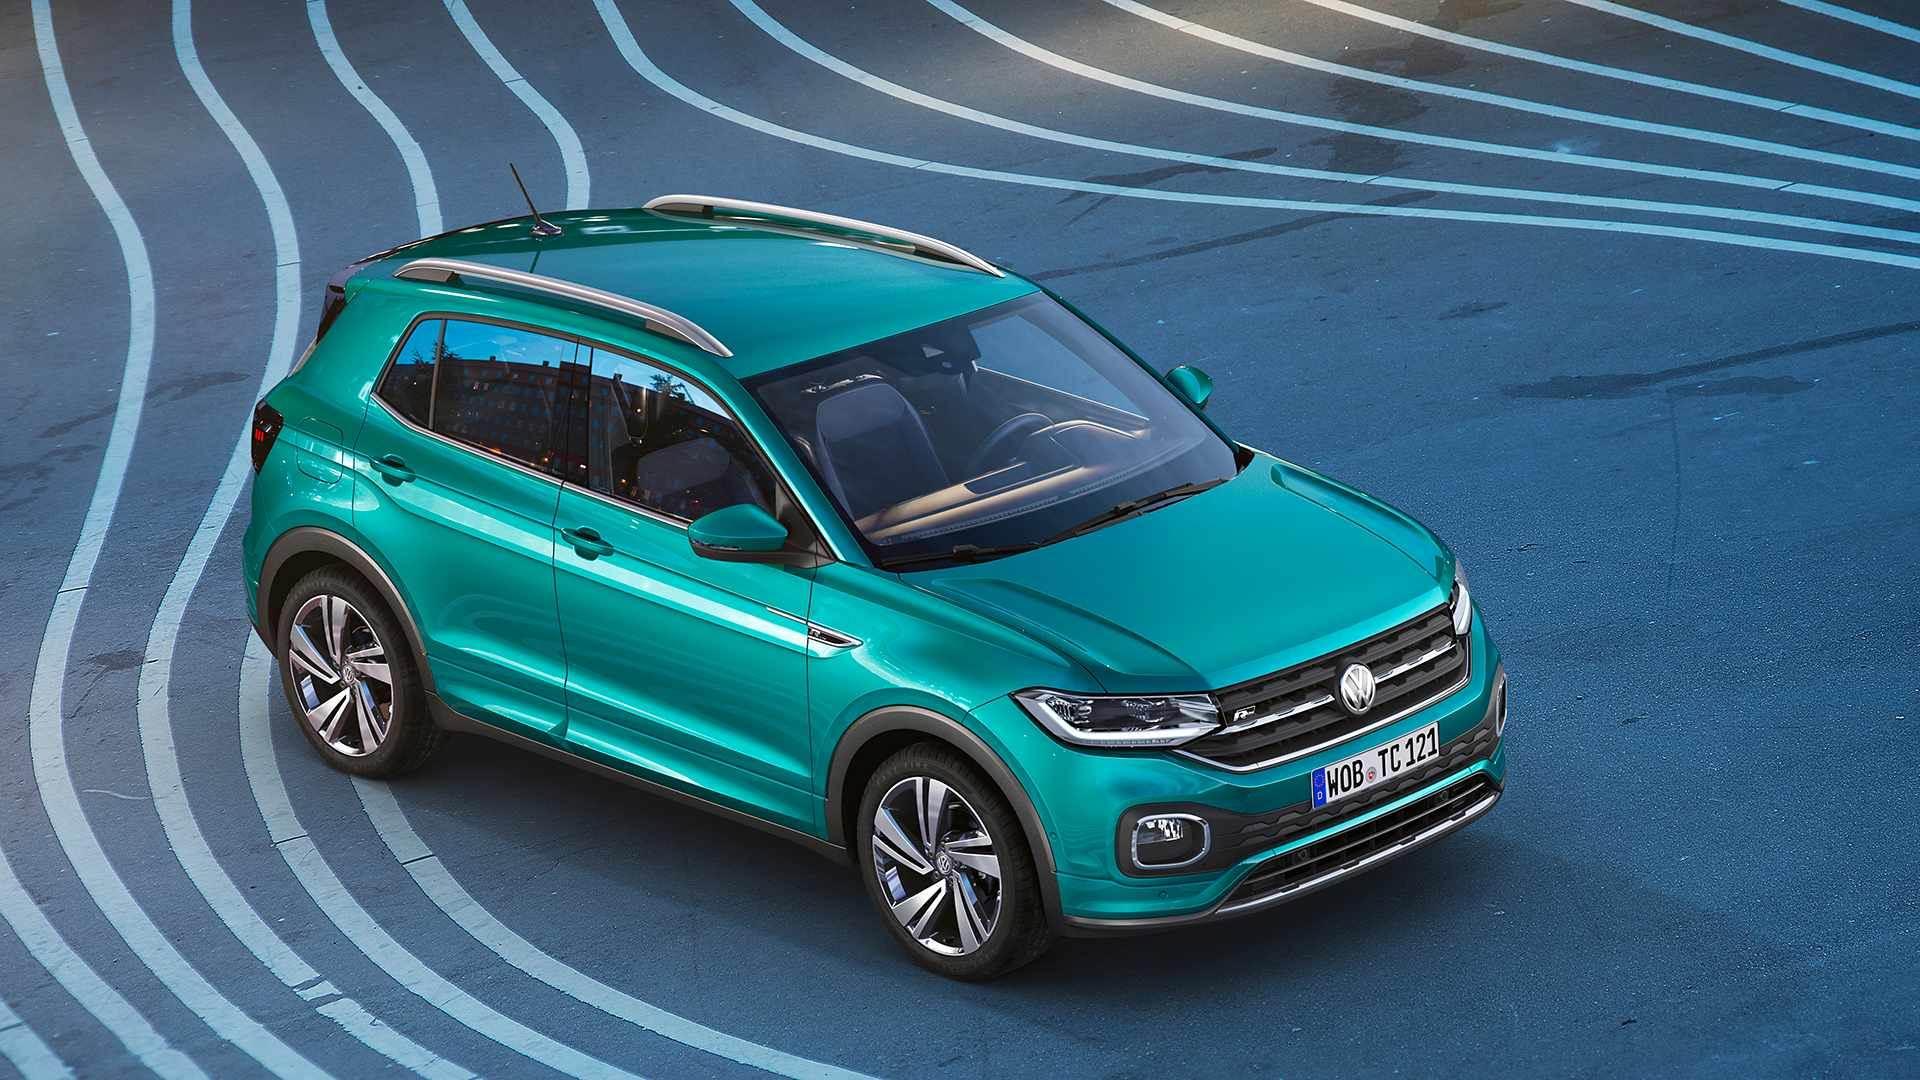 Volkswagen T-Cross (Euro-spec) SUV image gallery